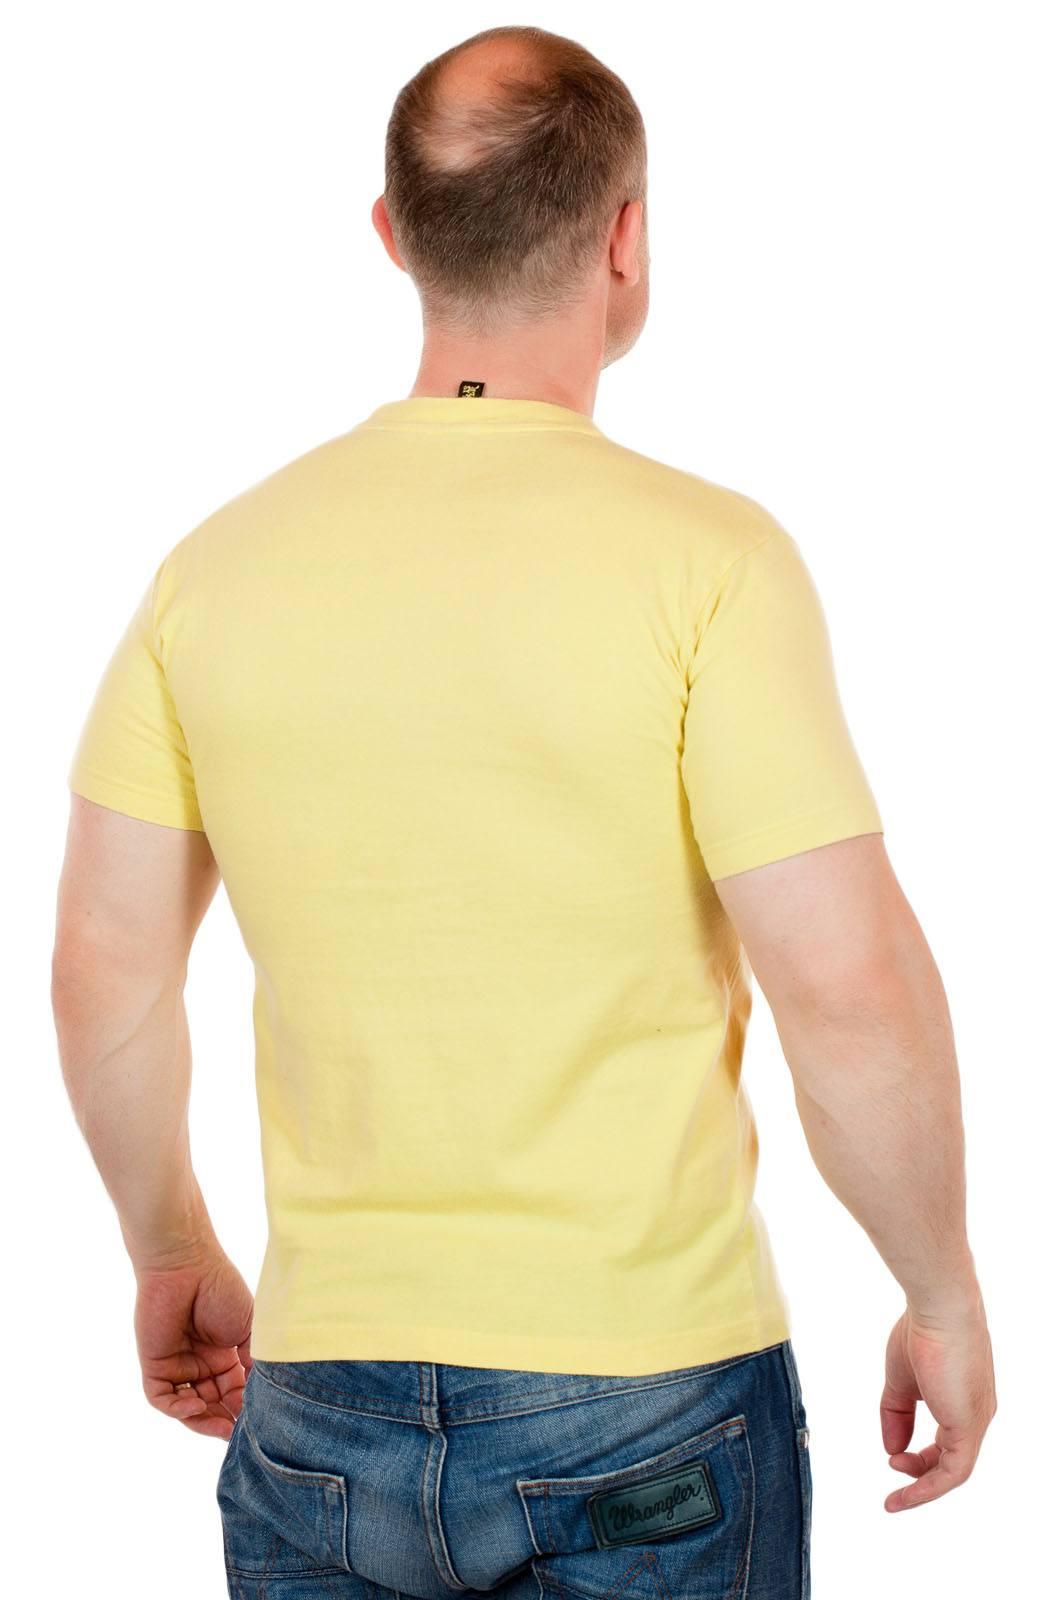 Яркая футболка с памятным принтом The wave is forever